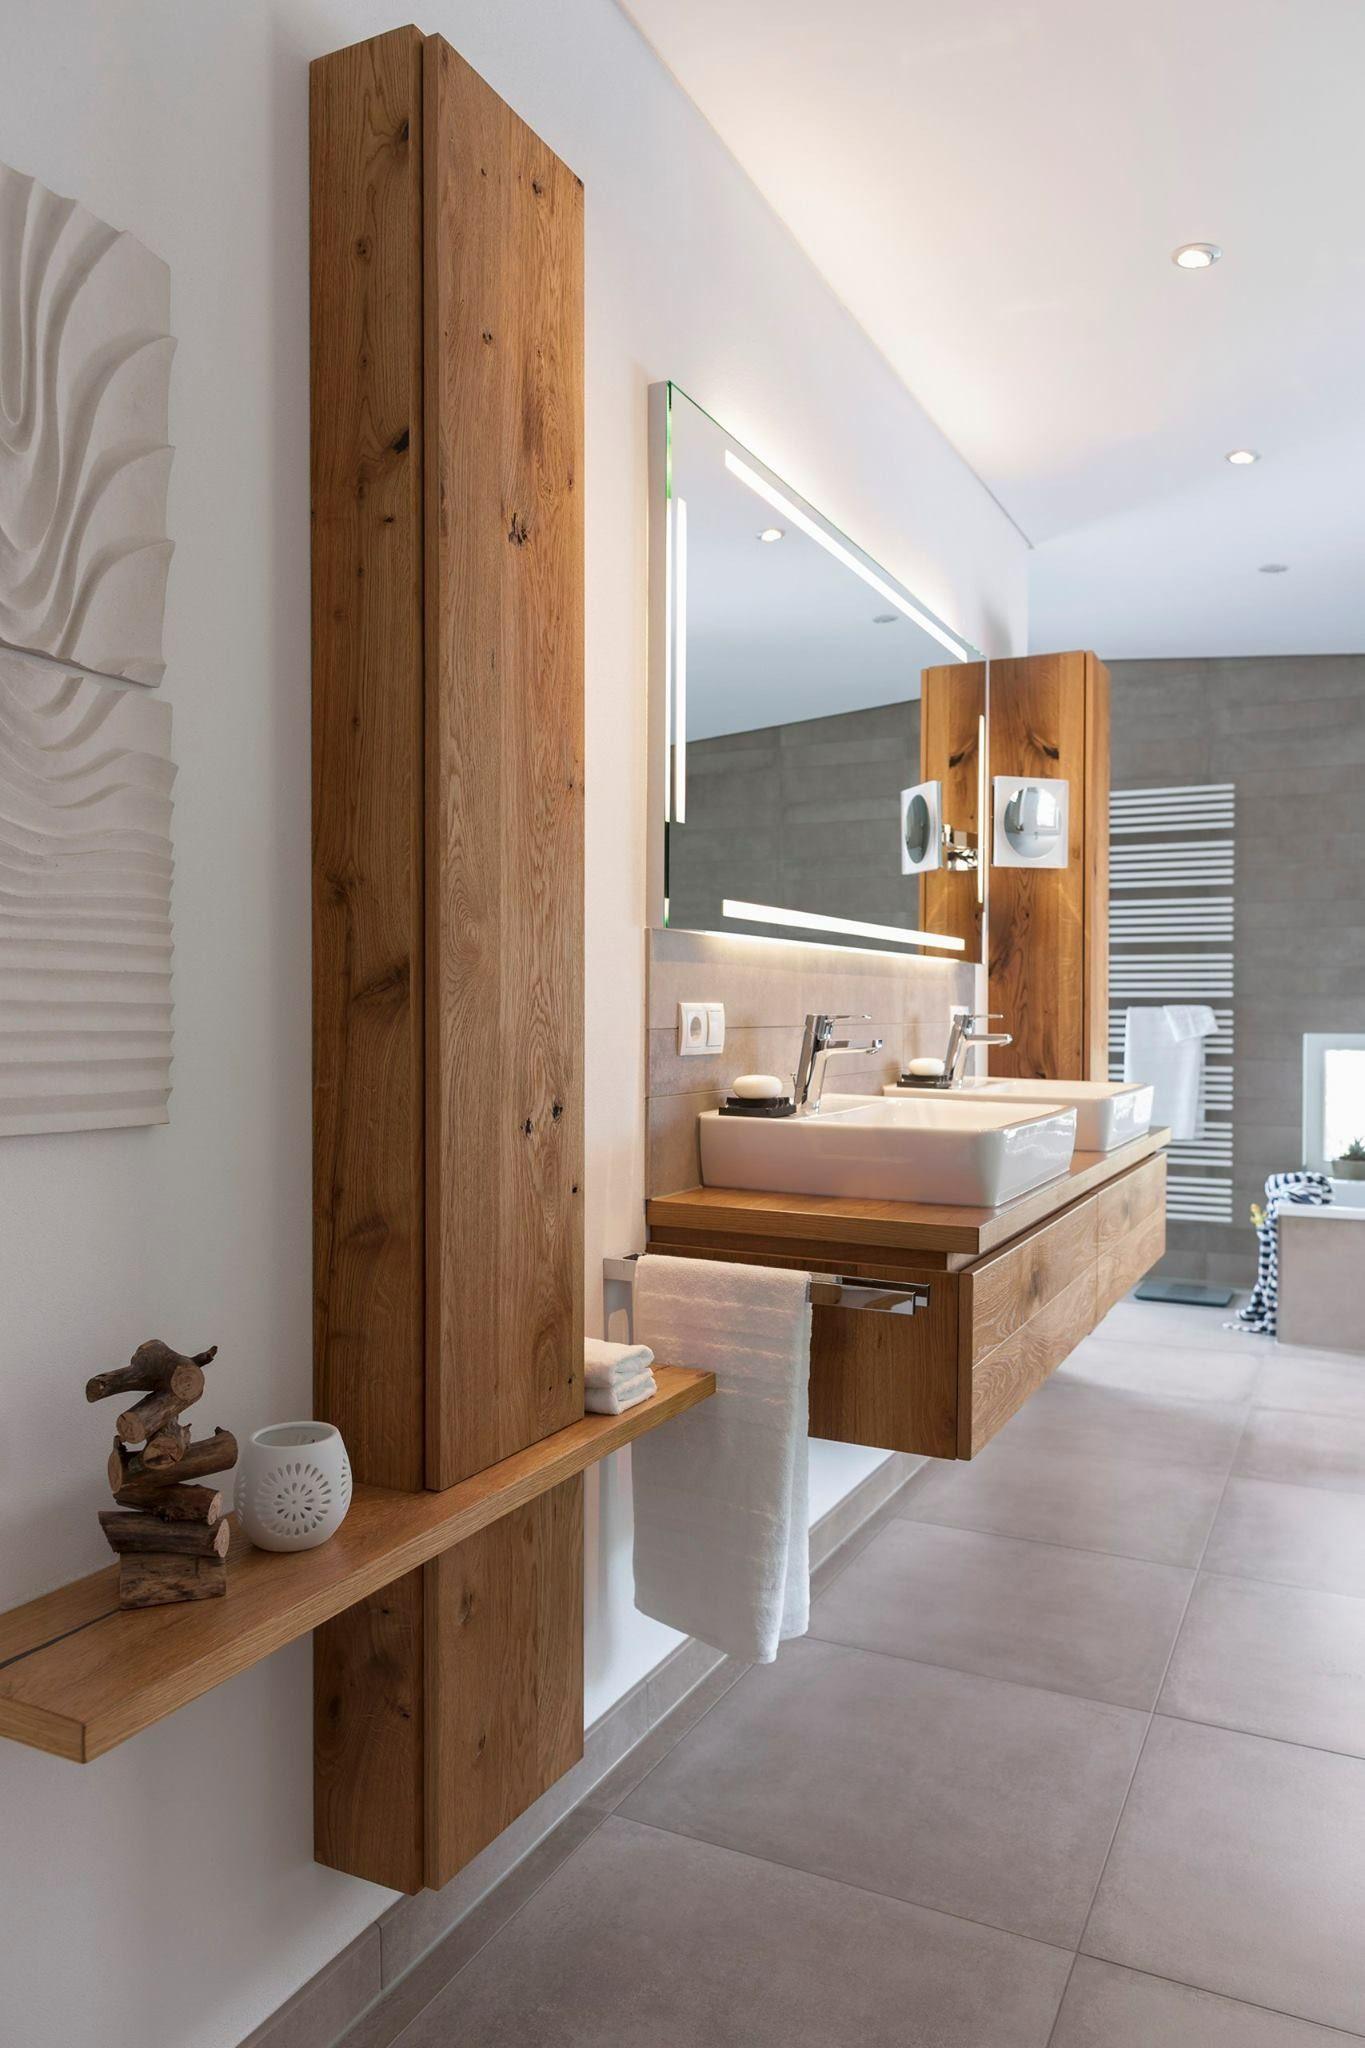 Зеркало-свет внутри должен быть как тут! #simplebathroomdesigns